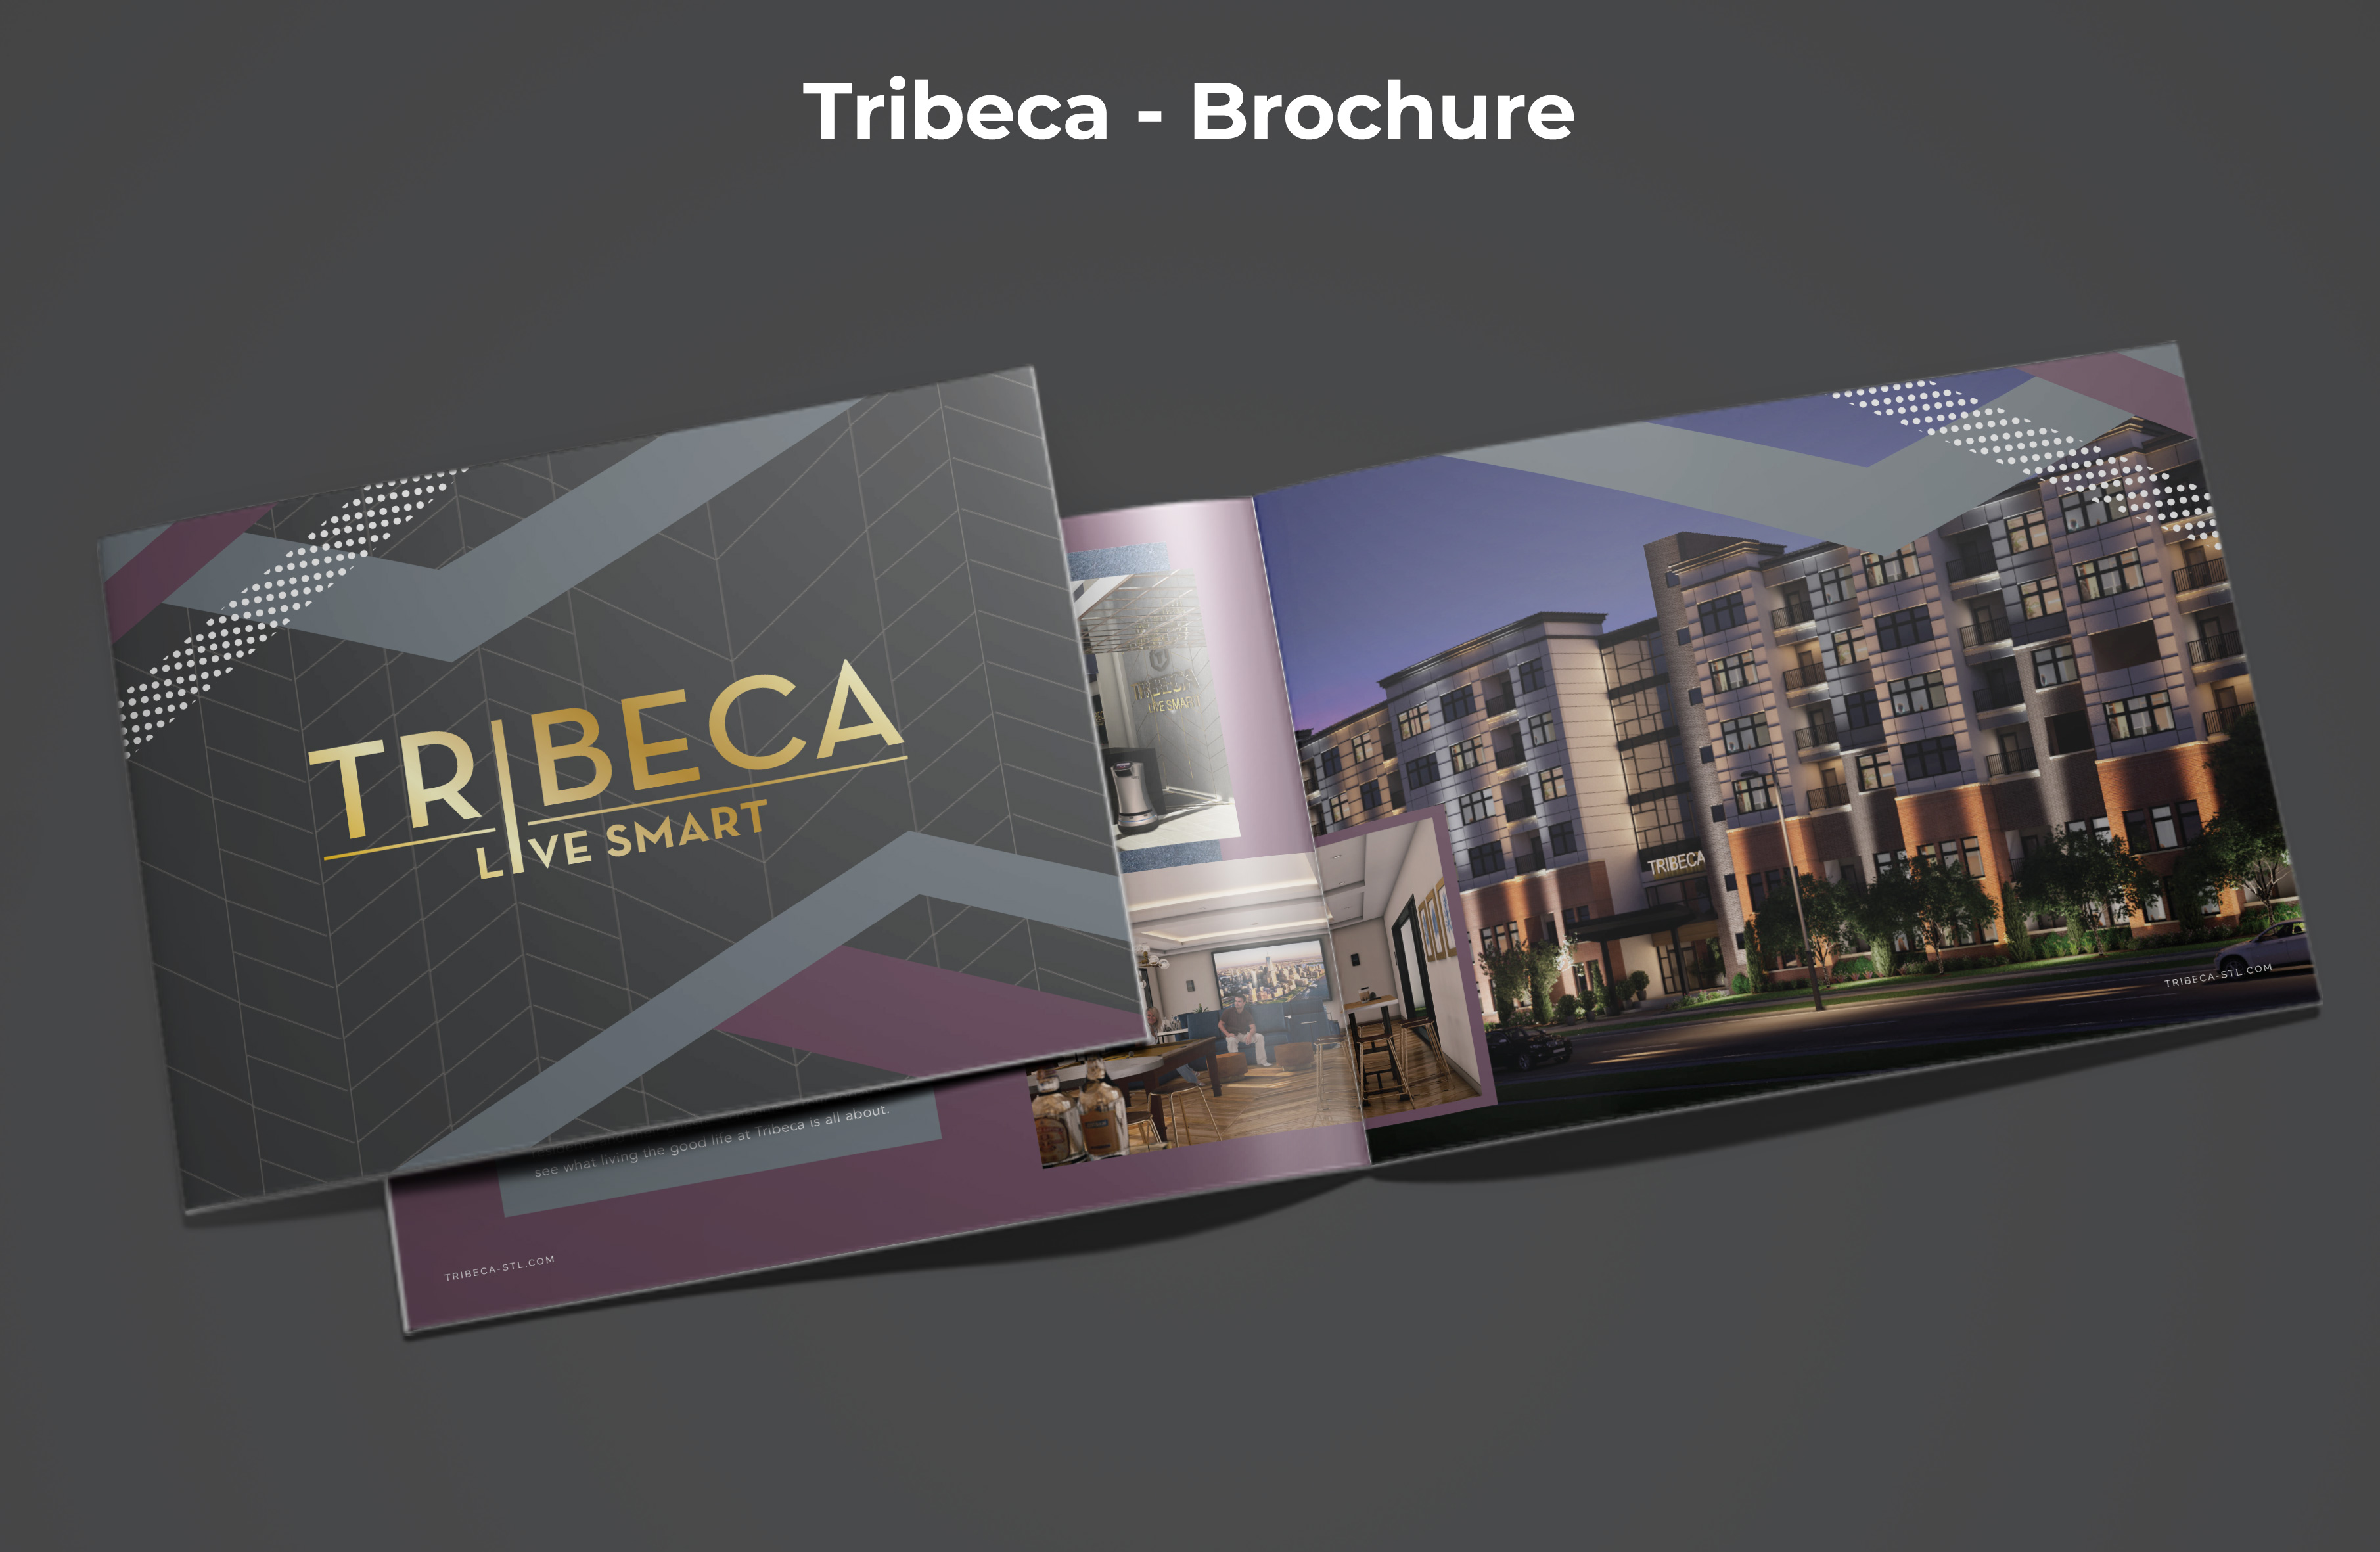 Tribeca Brochure